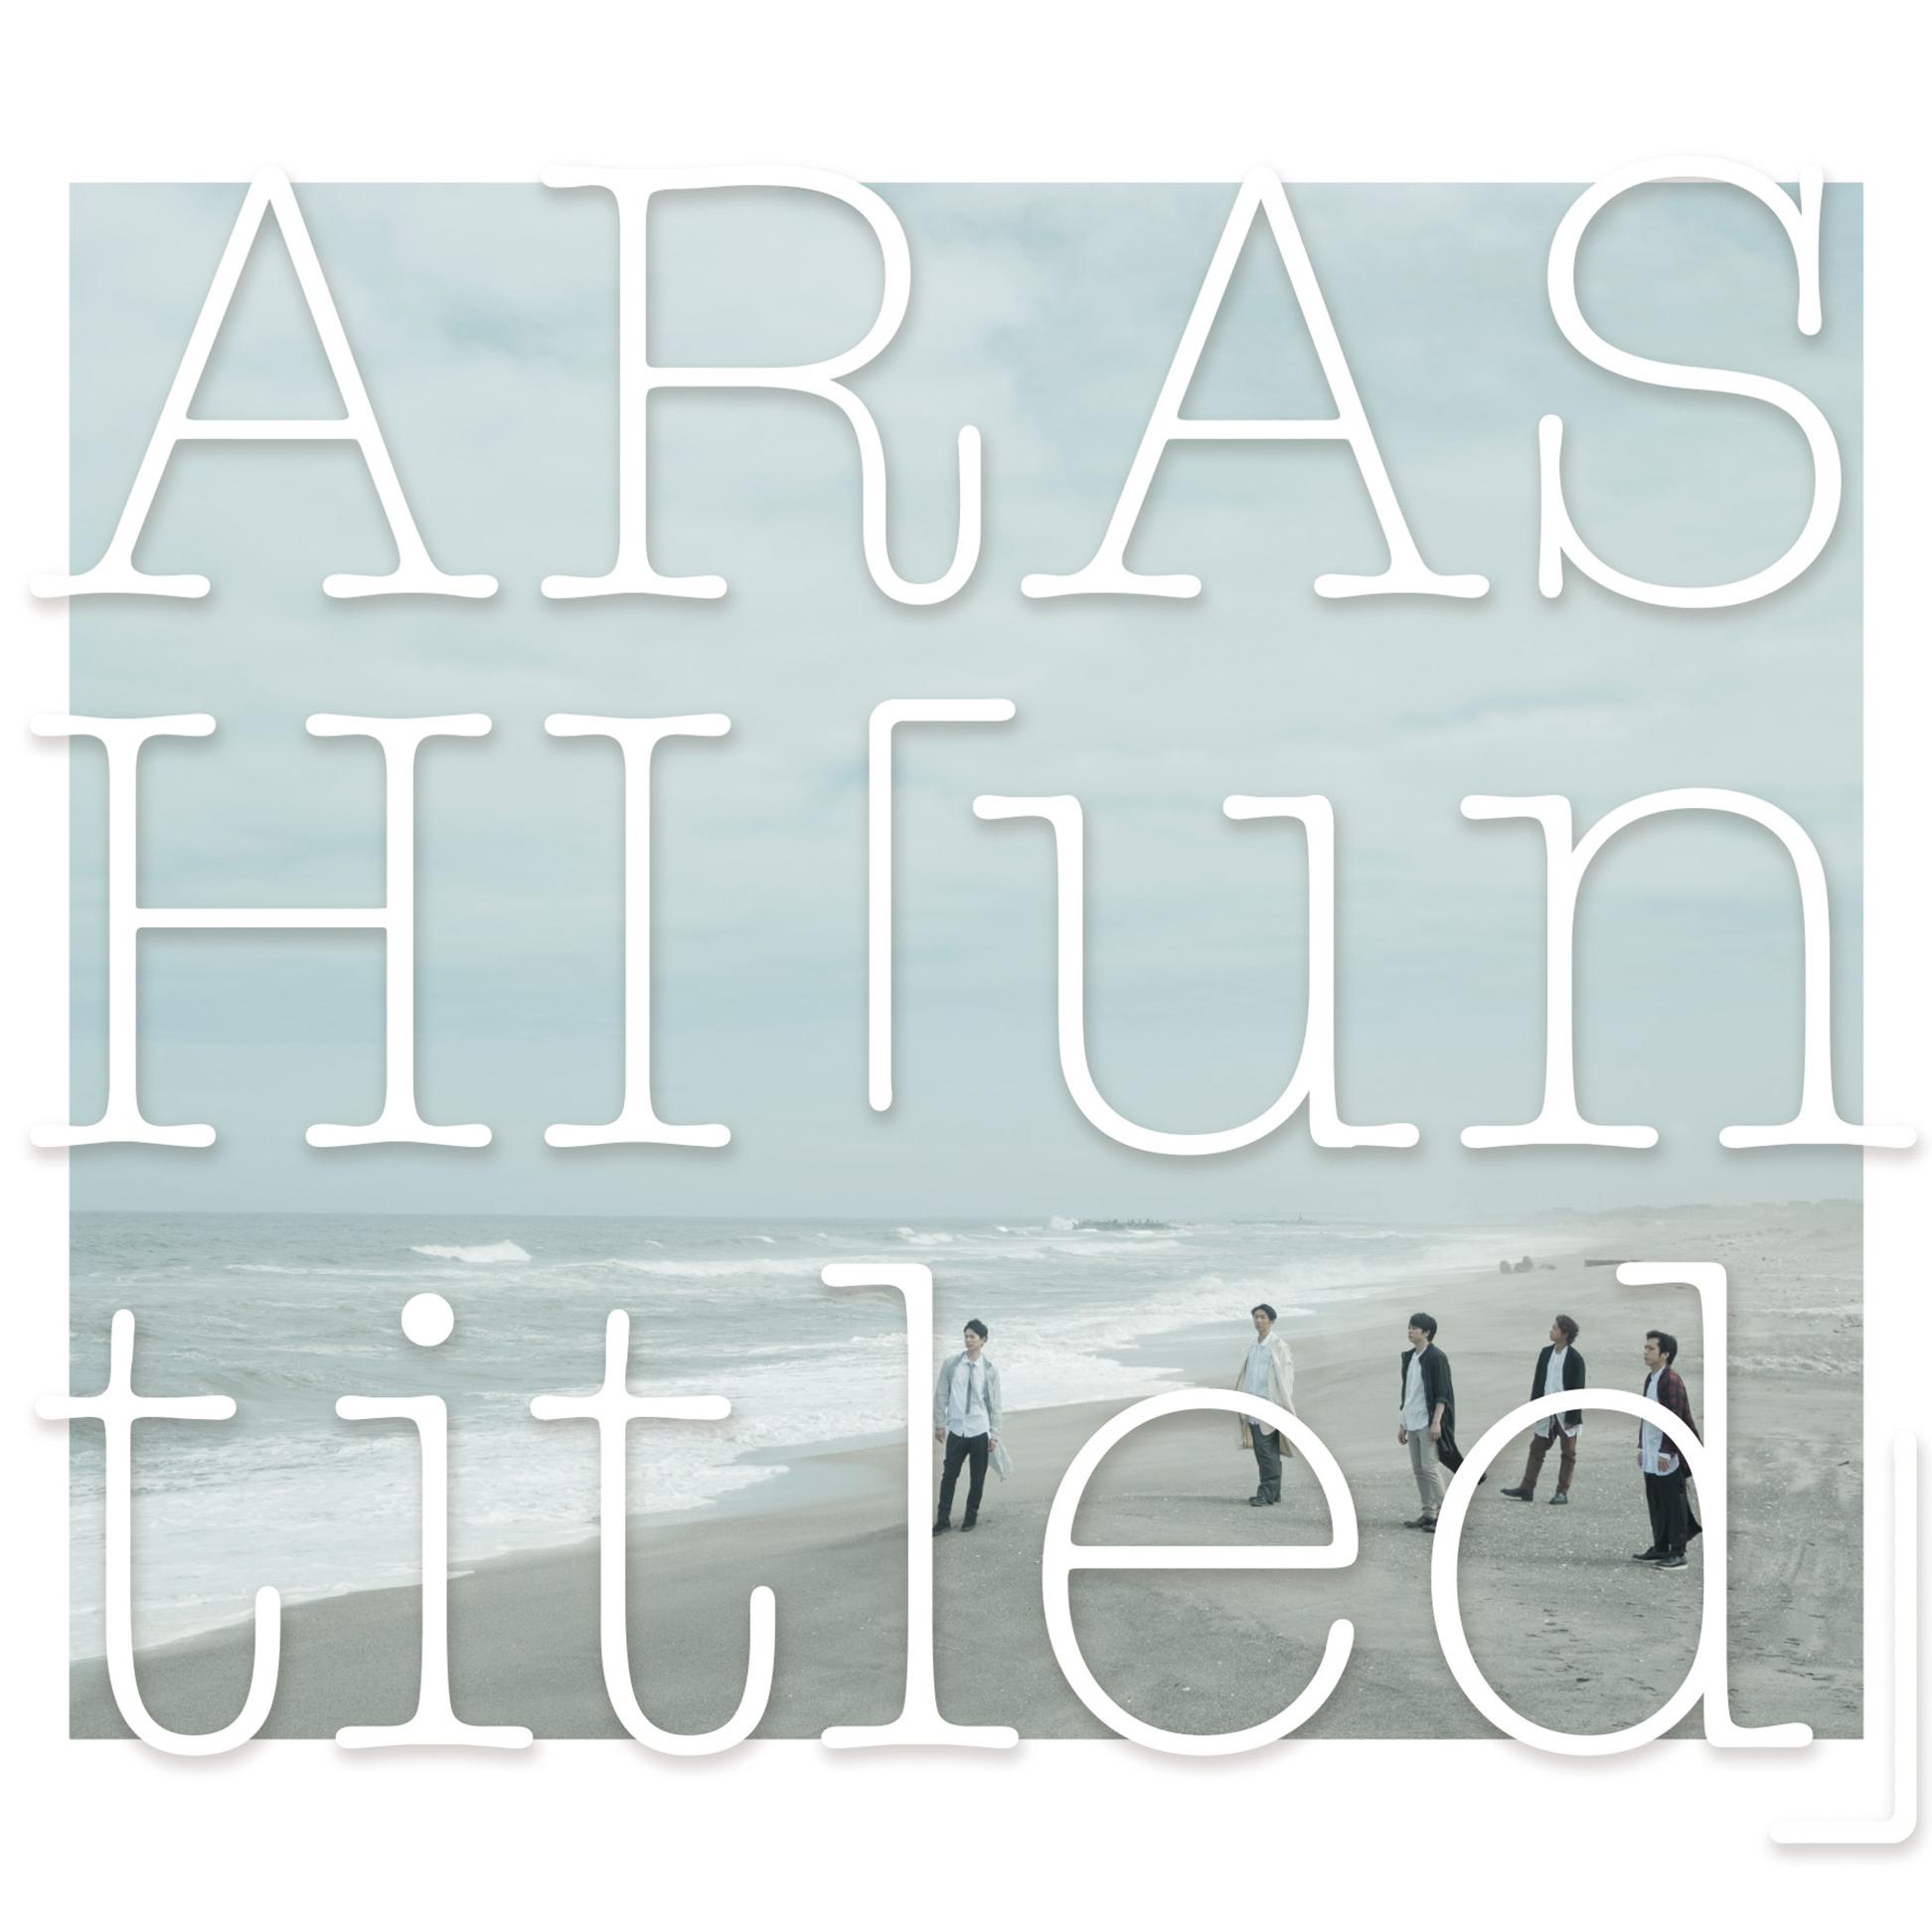 嵐 (あらし) 16thアルバム『「untitled」(アンタイトル)』(初回限定盤)高画質CDジャケット画像